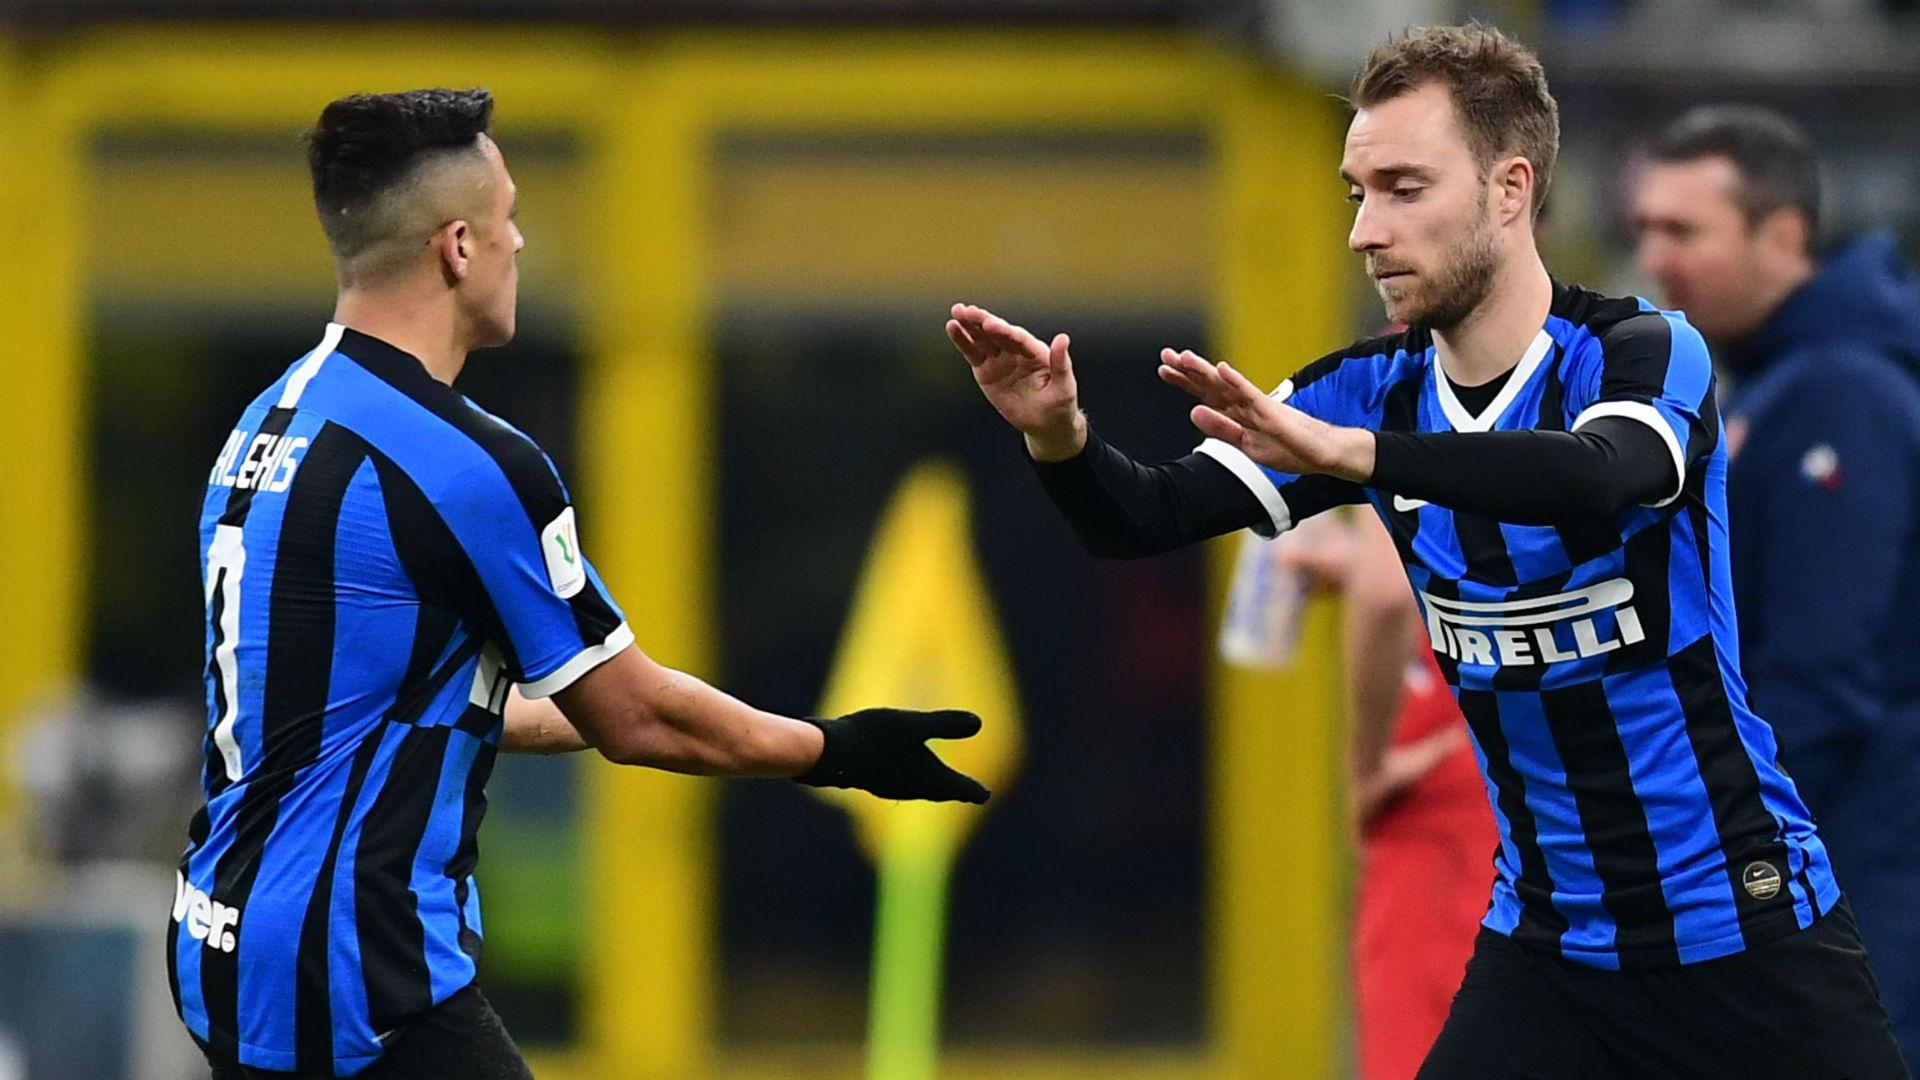 Show al derby di San Siro, le coreografie di Inter e Milan